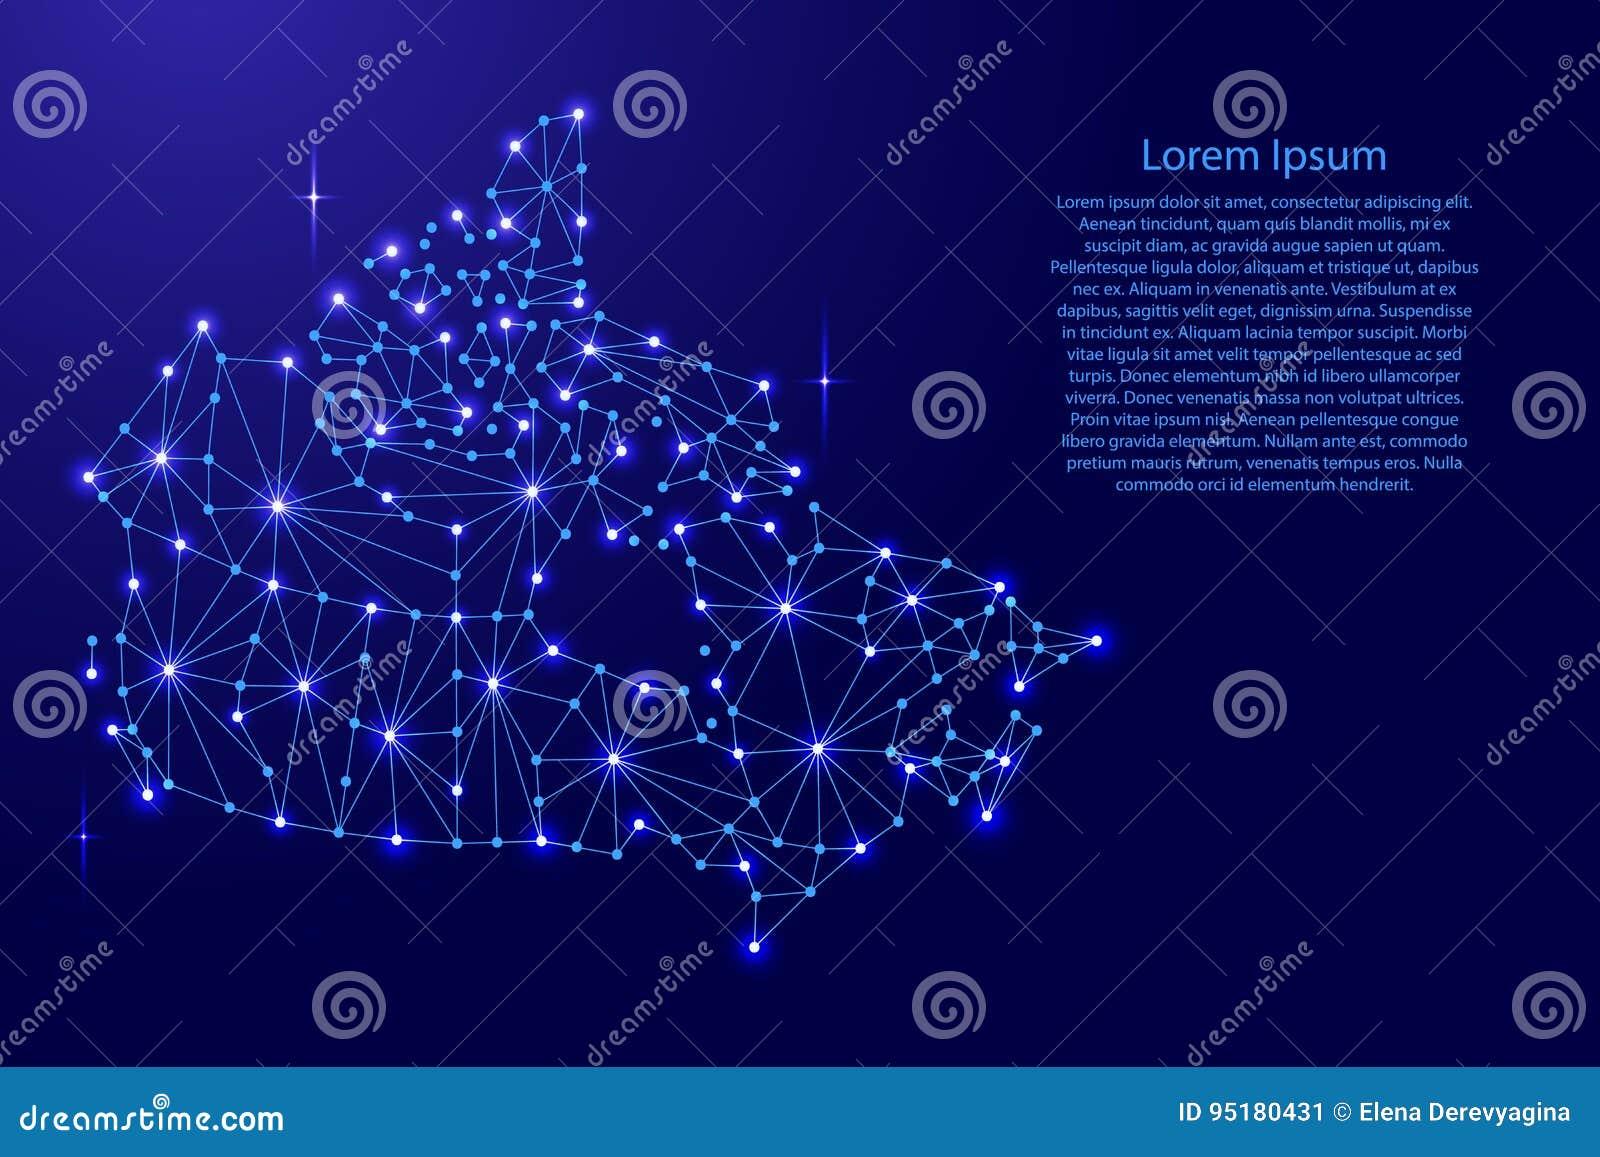 Kanada mapa poligonalna mozaika wykłada sieć, promienie, przestrzeni ilustracja gwiazdy